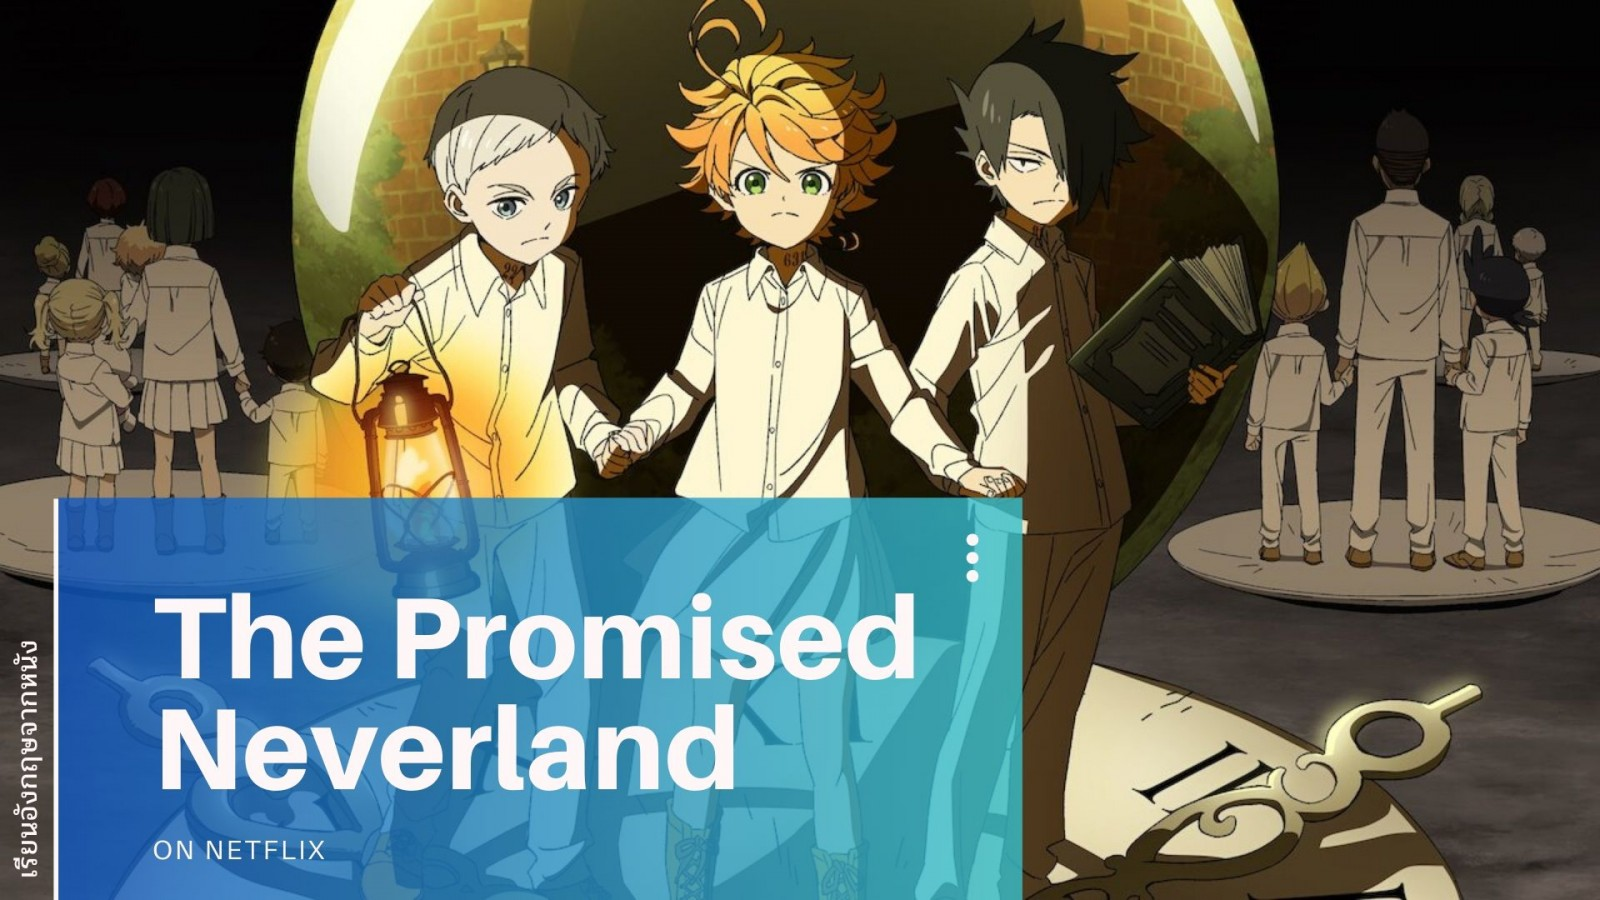 ซีรีย์ The Promised Neverland บน Netflix